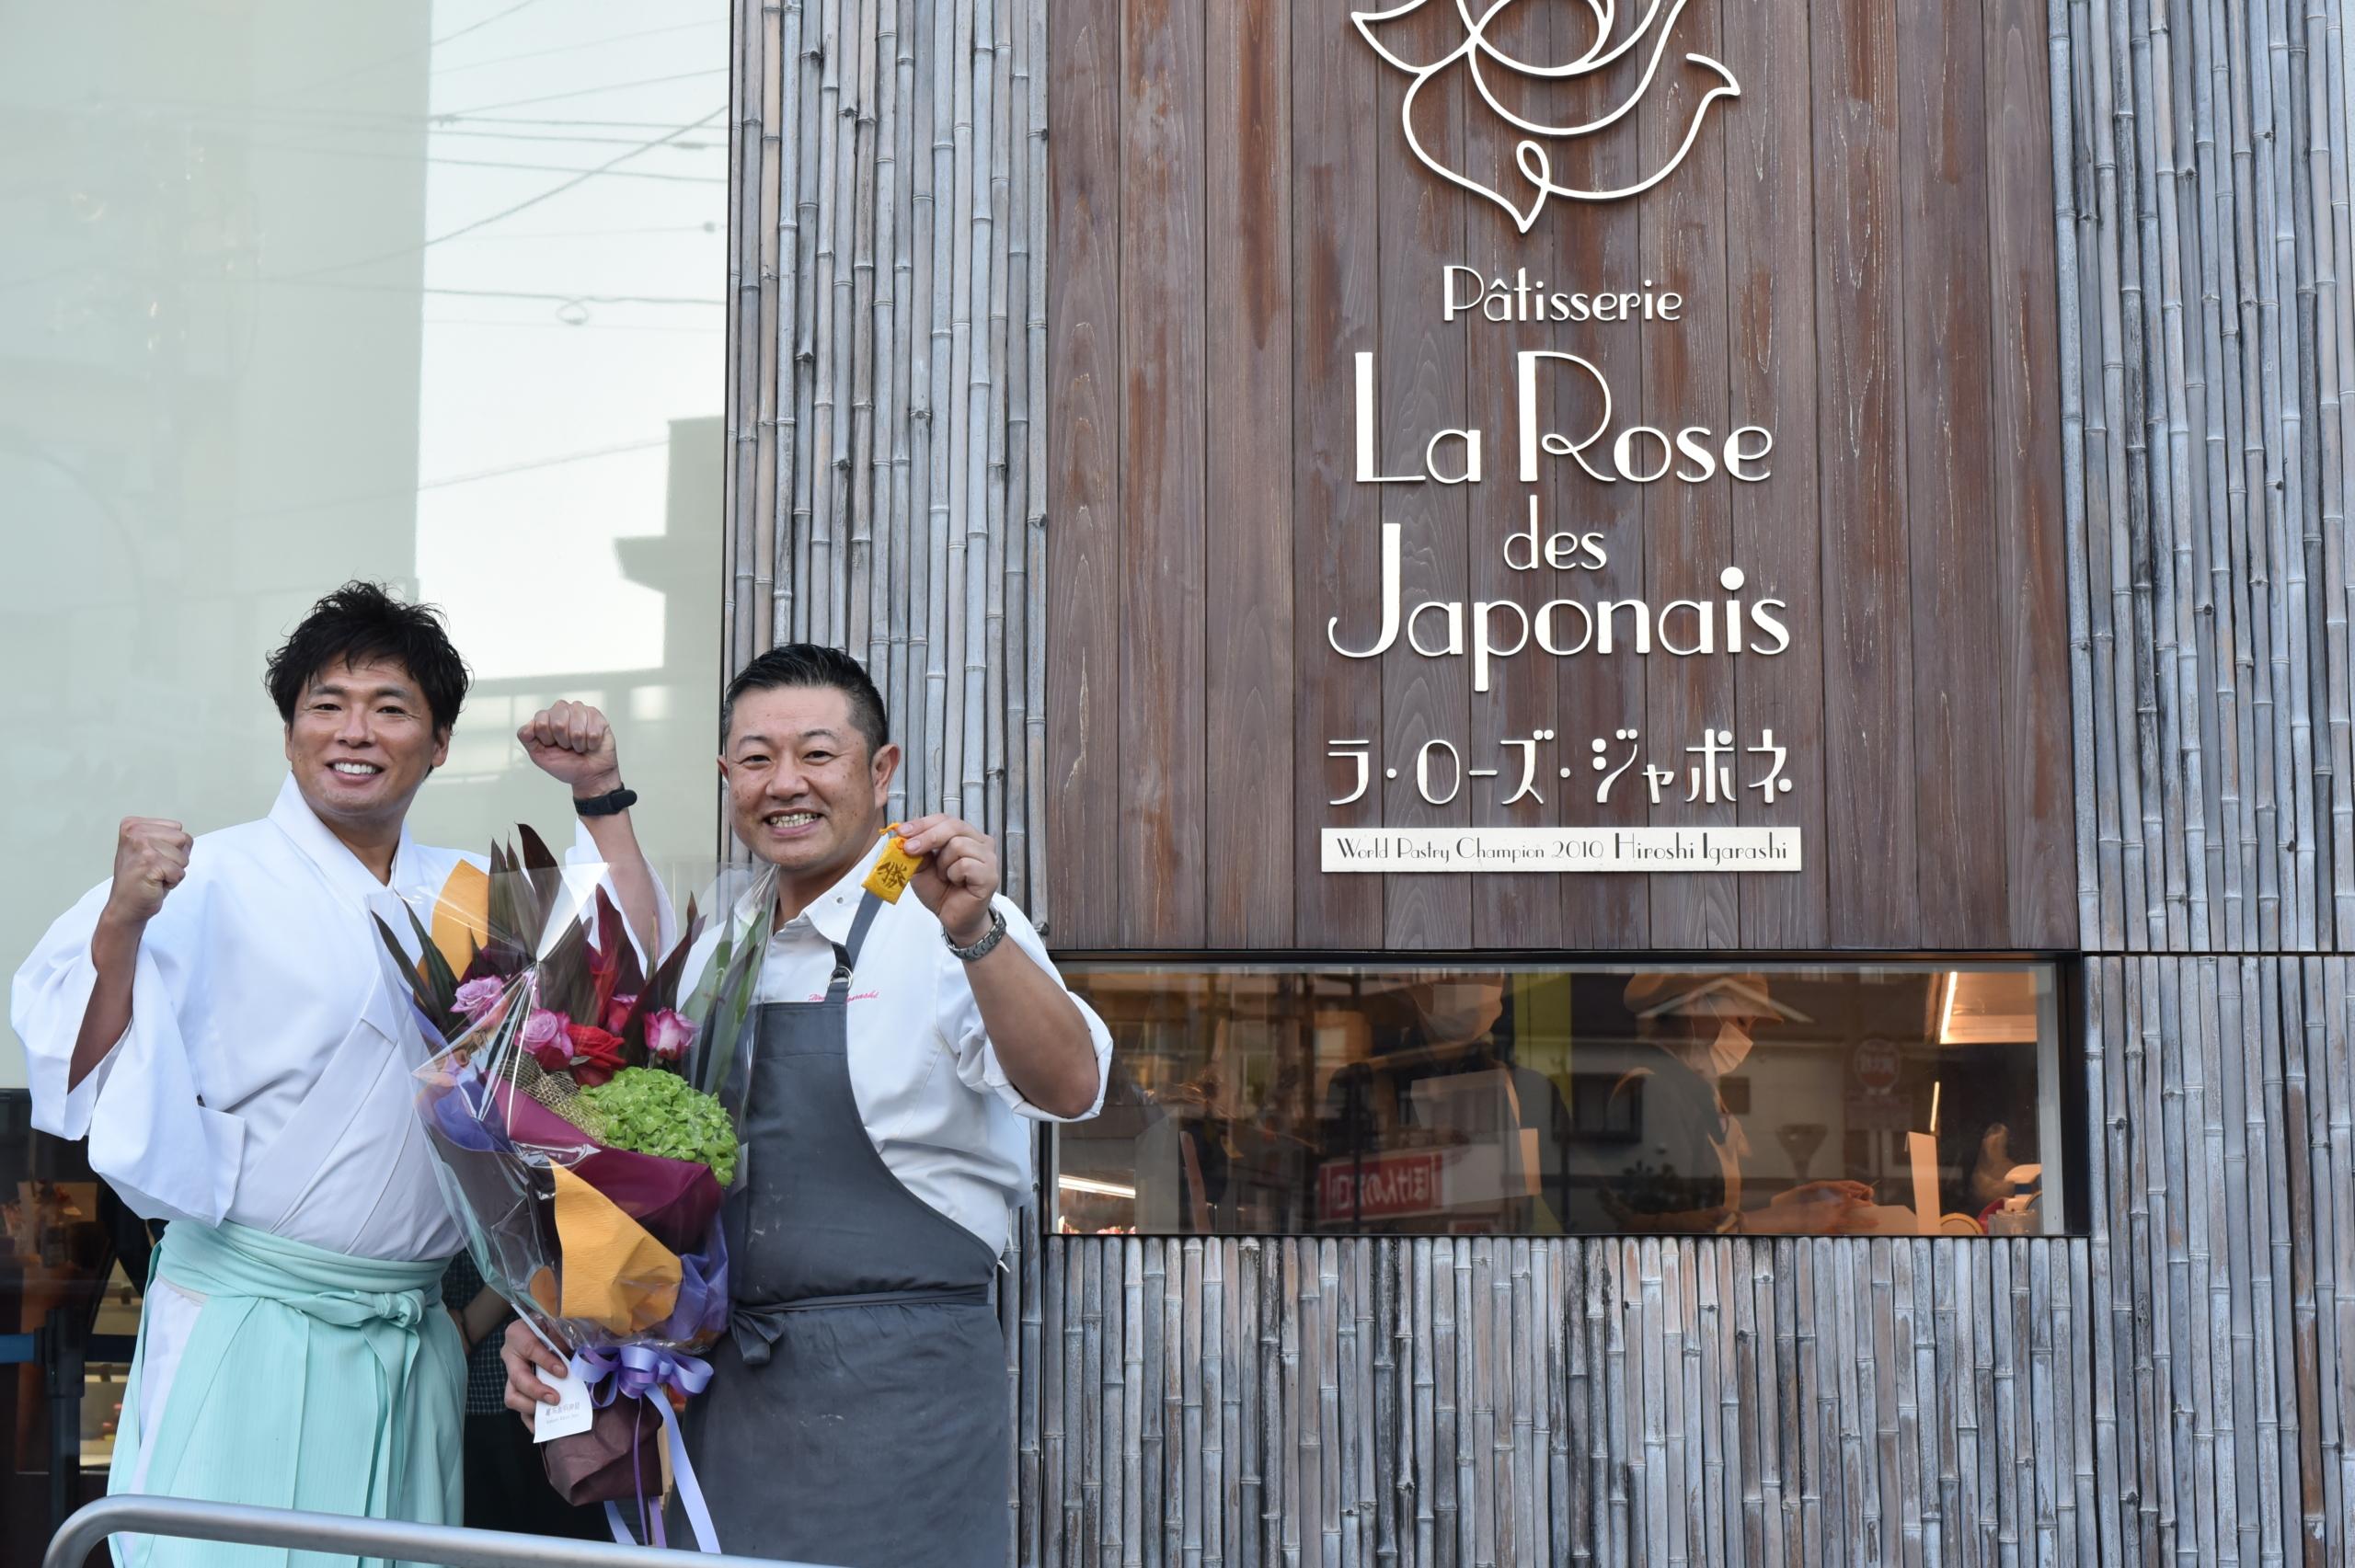 ラ・ローズジャポネ五十嵐宏シェフ世界大会へ出陣!